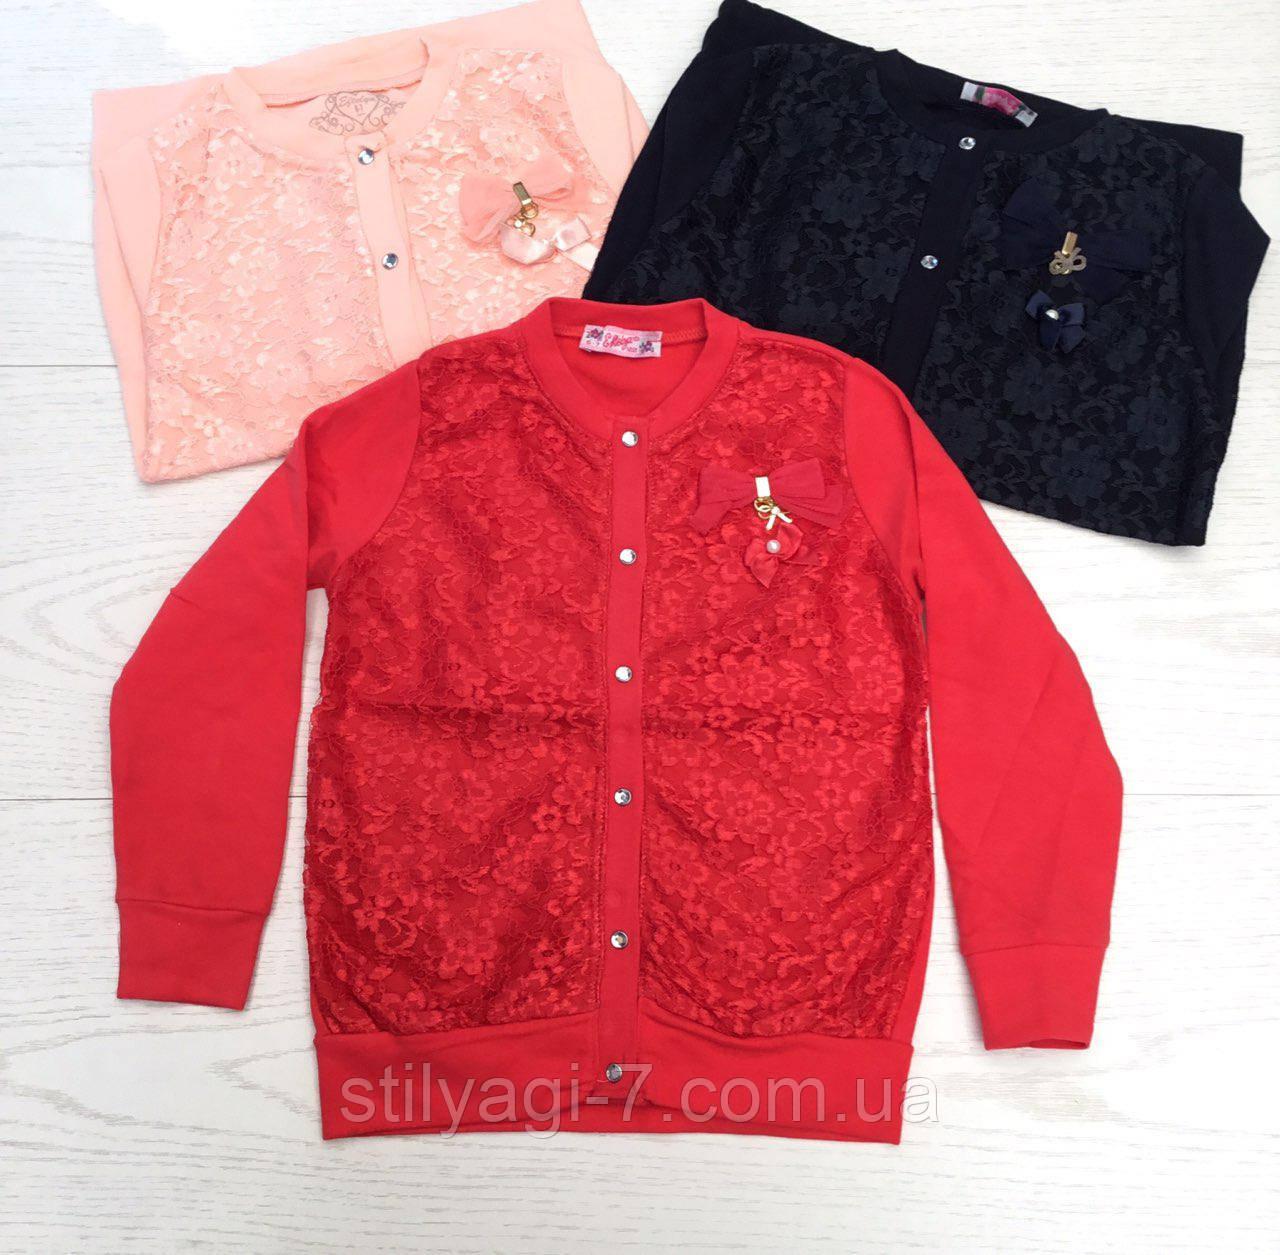 Кофта на пуговицах для девочки 6-12 лет красного,синего,розового цвета с кружевом оптом